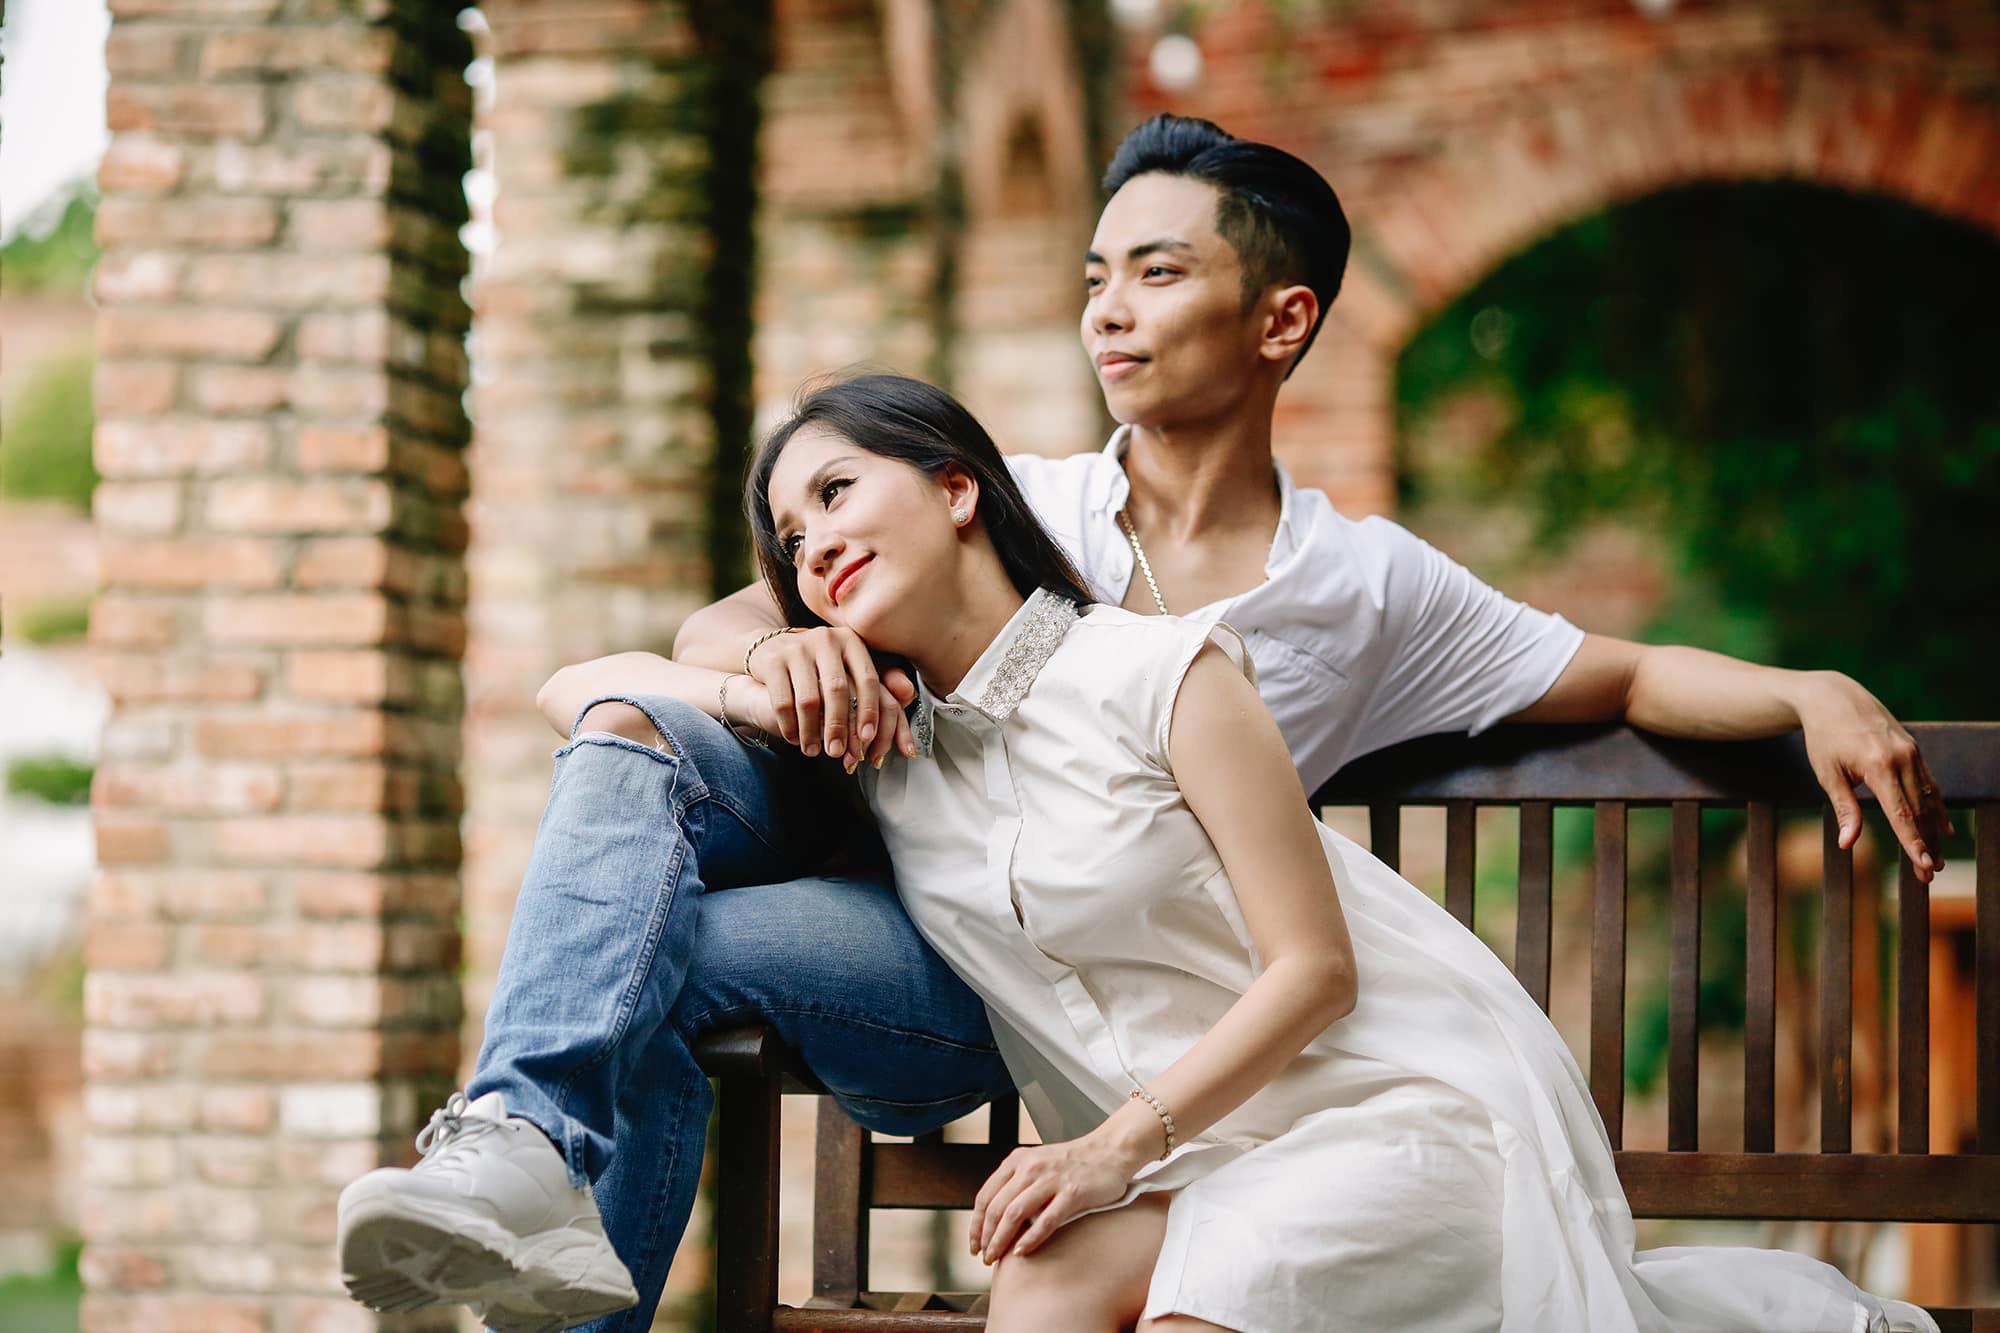 """Khánh Thi - nỗi sướng, khổ của người đàn bà """"già"""" hơn chồng 12 tuổi - Ảnh 1."""